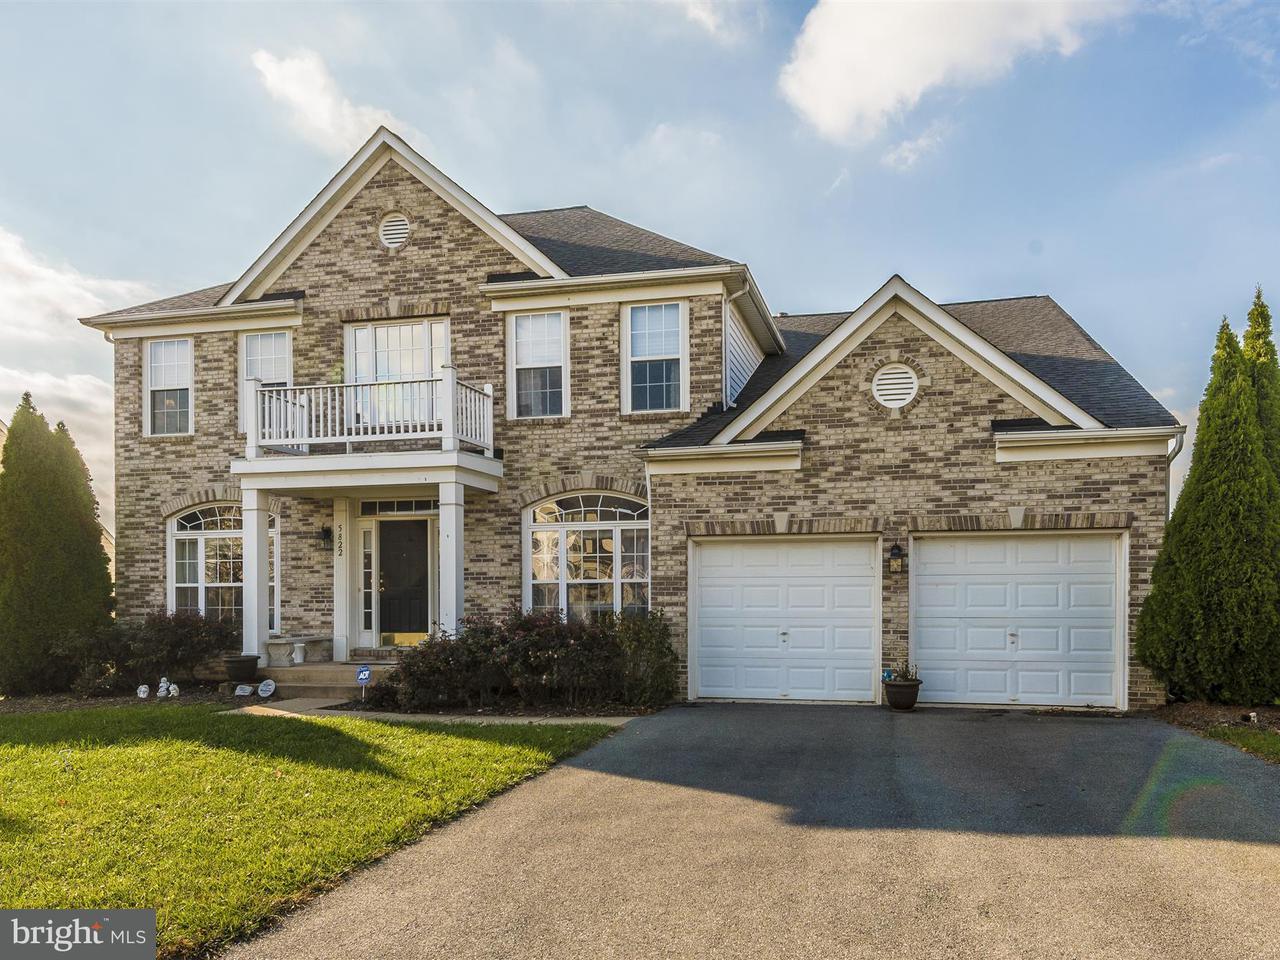 Casa Unifamiliar por un Venta en 5822 DREXAL Avenue 5822 DREXAL Avenue New Market, Maryland 21774 Estados Unidos